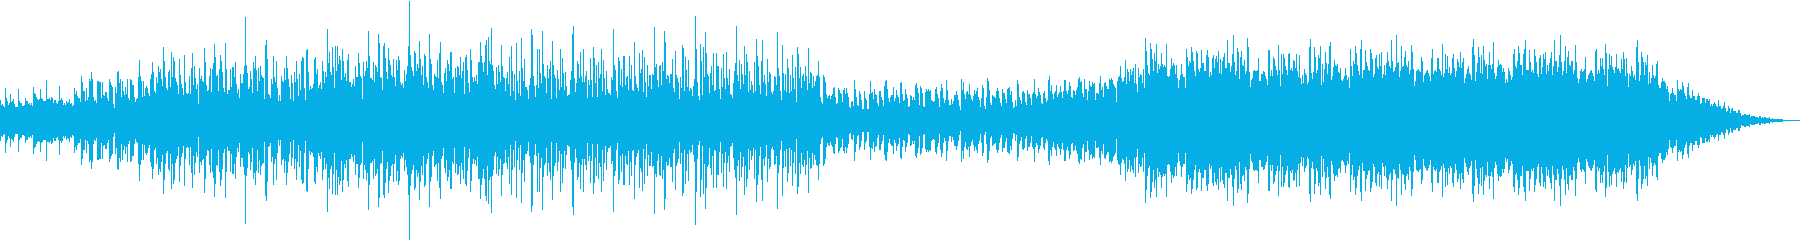 ゆっくりめのかっこいい曲ですって。の再生済みの波形